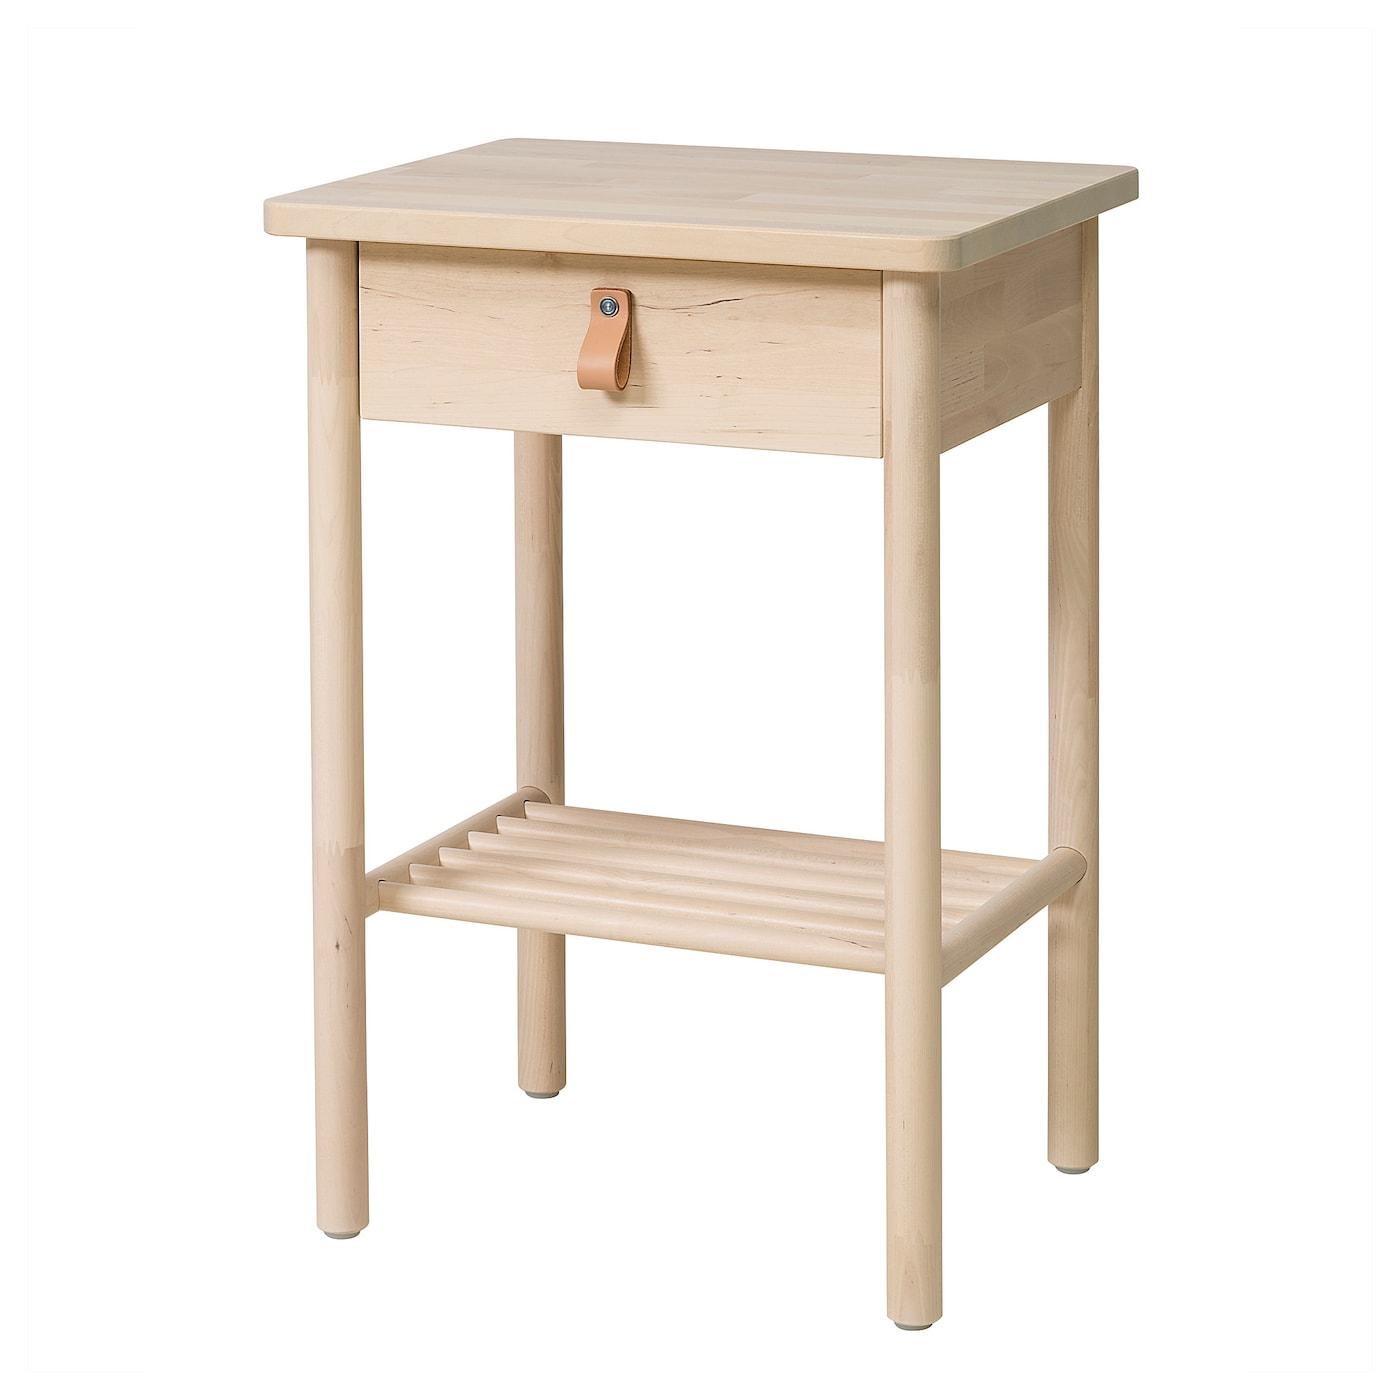 IKEA BJÖRKSNÄS brzozowy stolik nocny, 48x38 cm